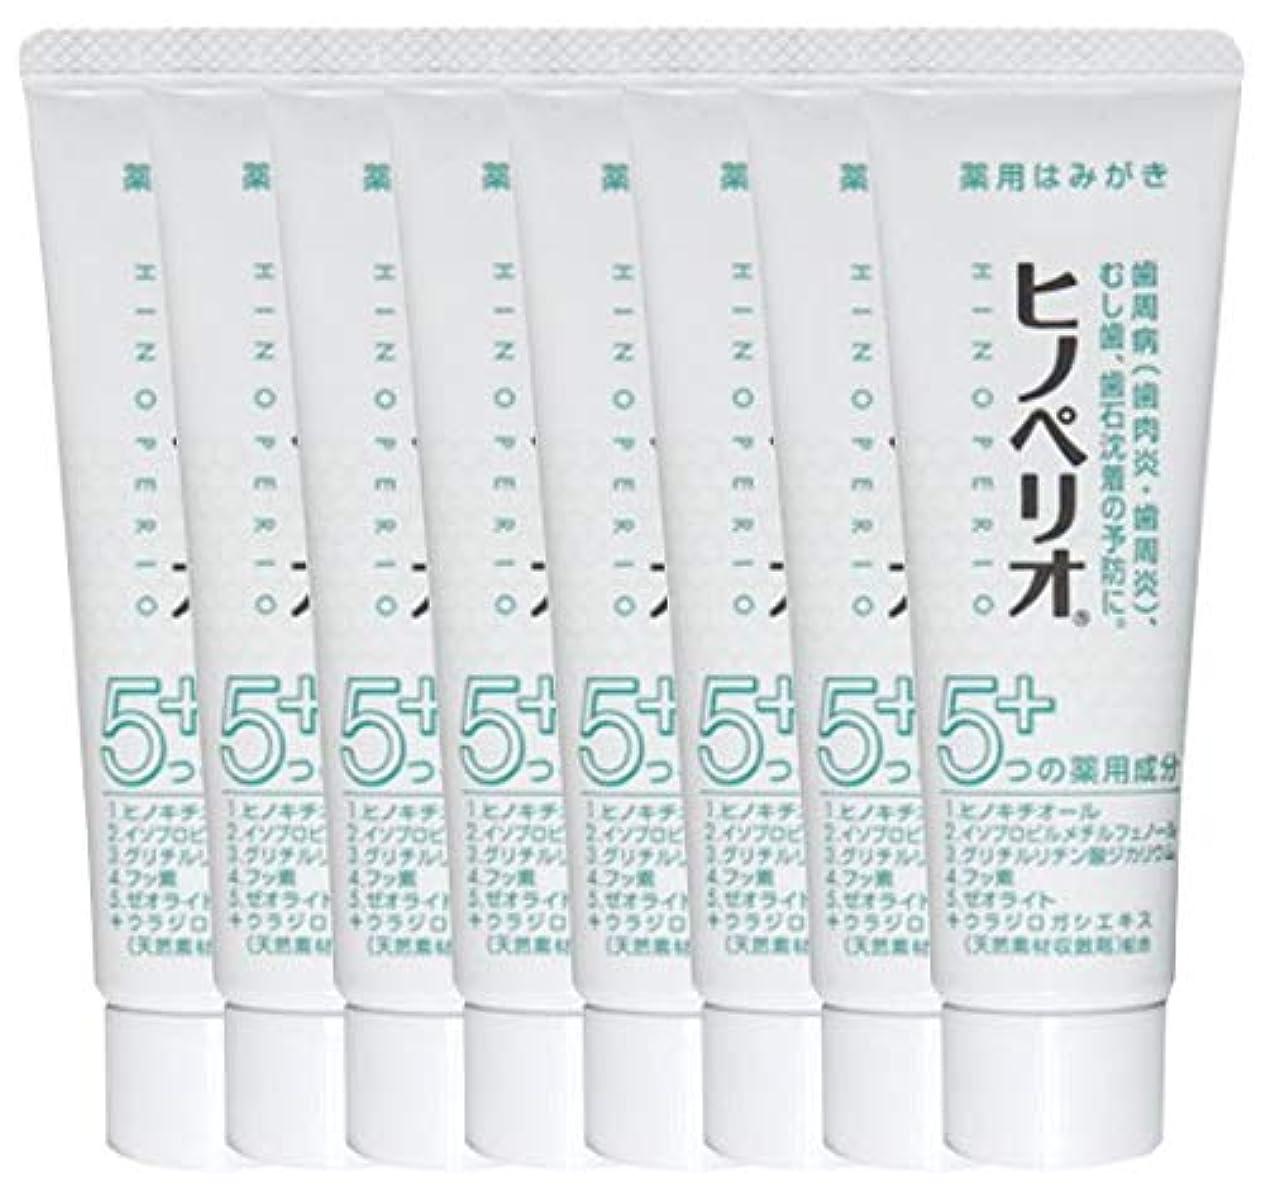 遡る引っ張る関係ない昭和薬品 ヒノペリオ60g 医薬部外品 × 8本